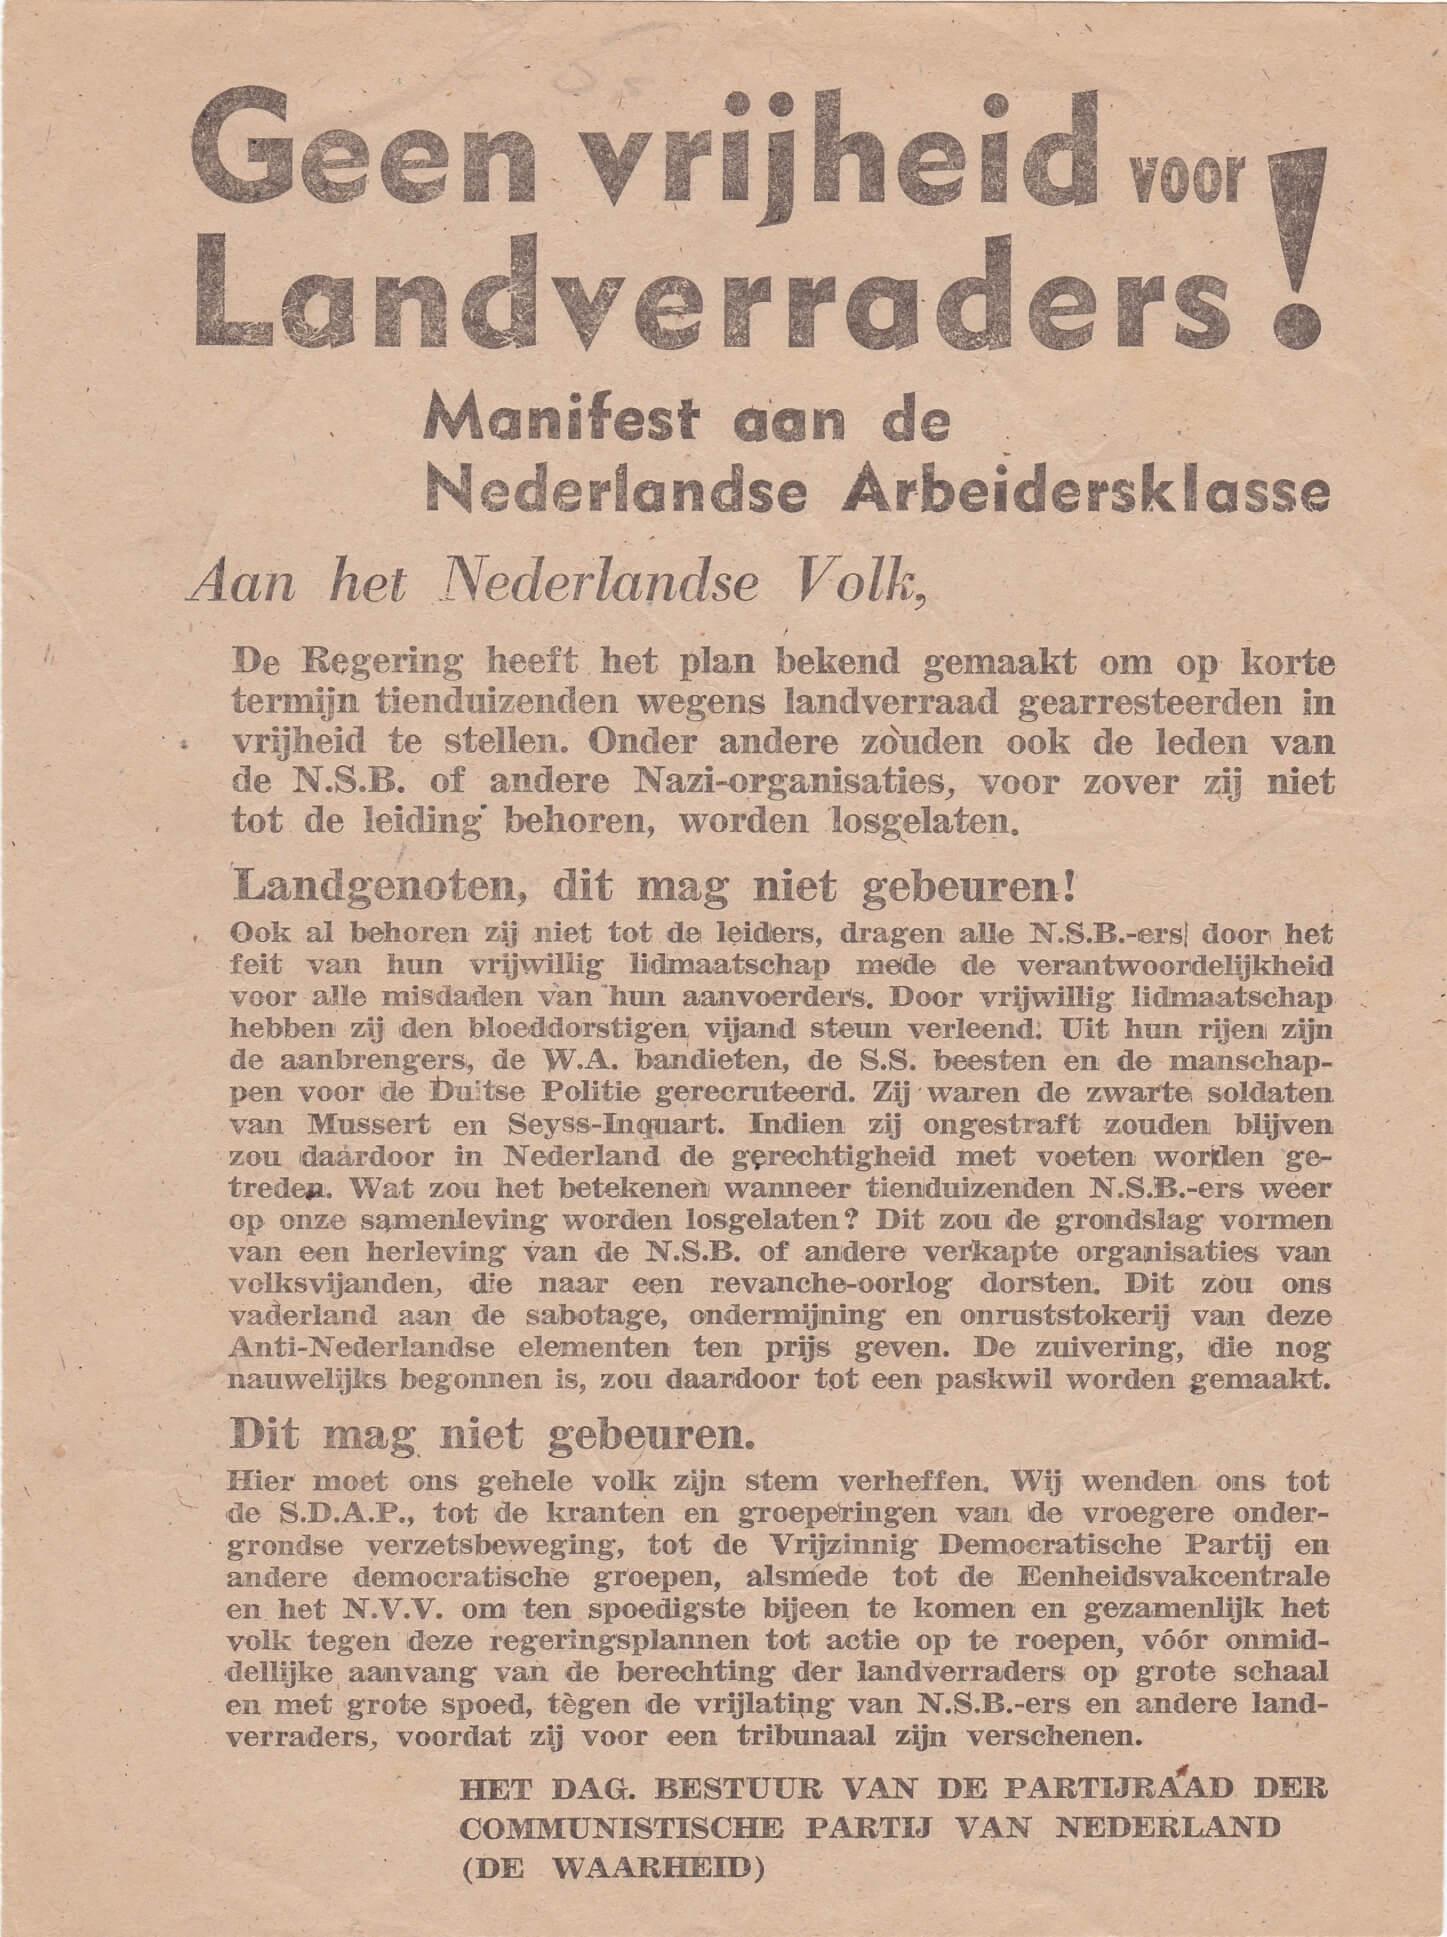 Pamflet Geen vrijheid voor landverraders